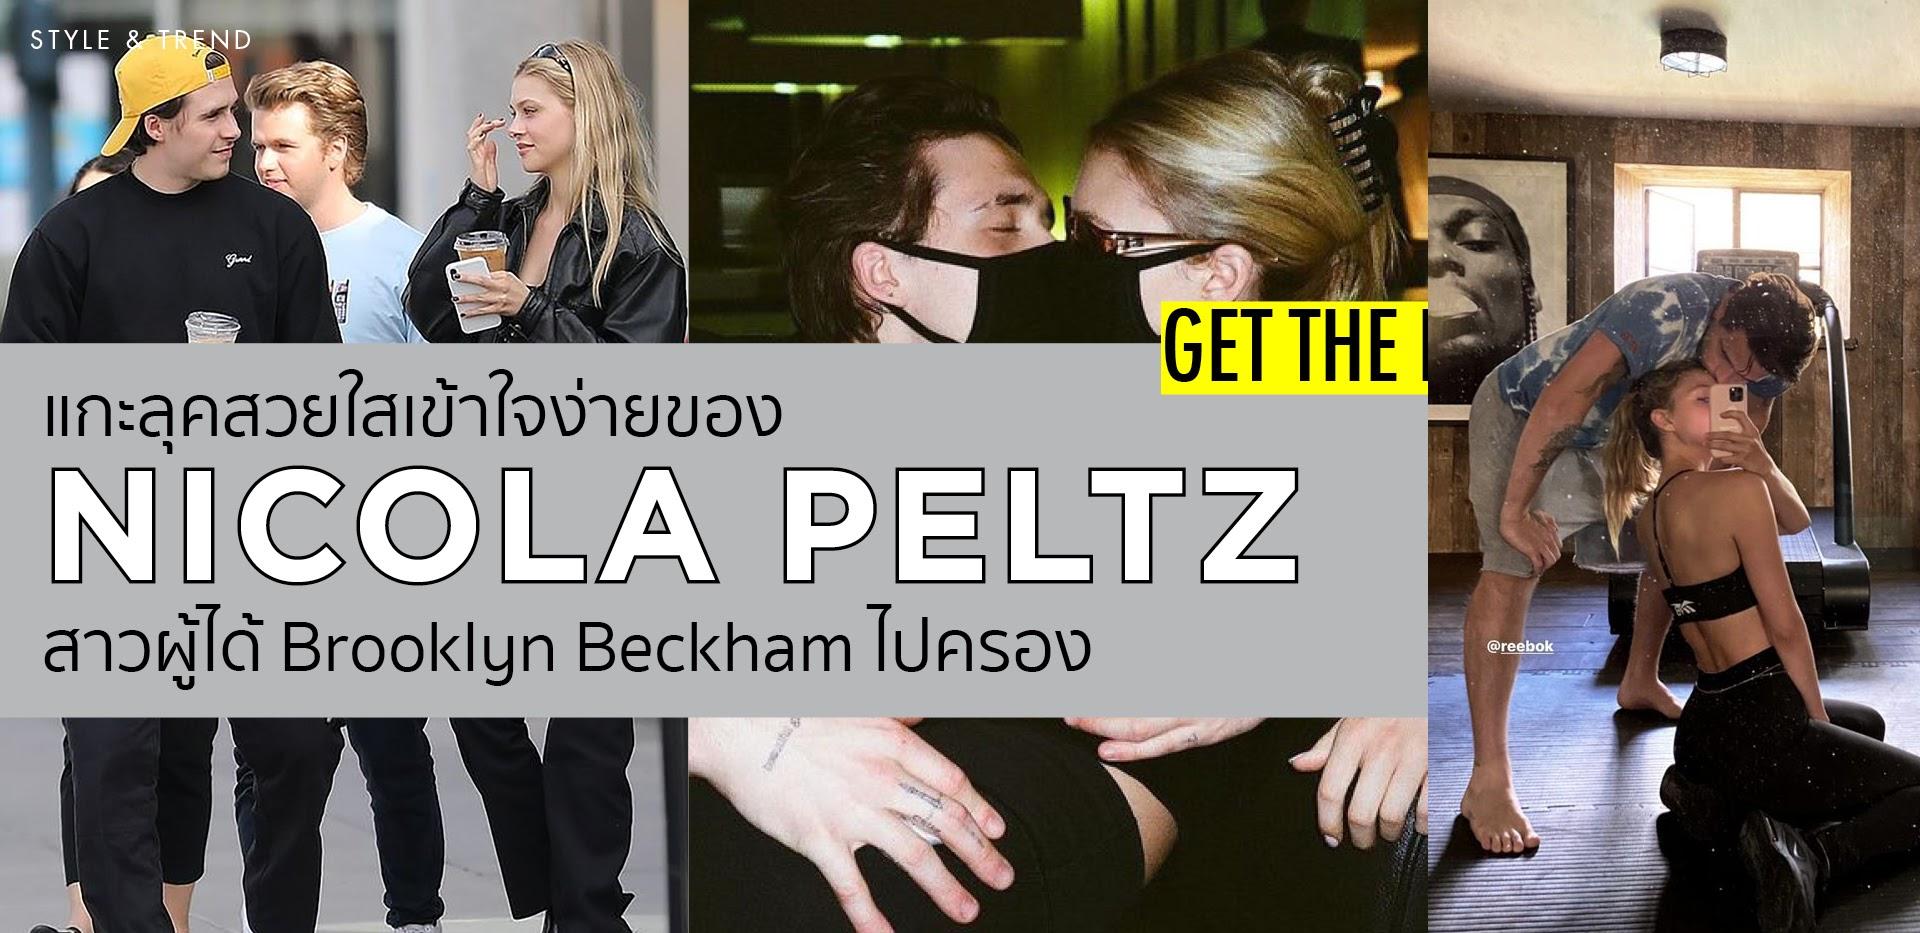 แกะลุคสวยเข้าใจง่ายของ Nicola Peltz สาวผู้ได้ Brooklyn Beckham ไปครอง